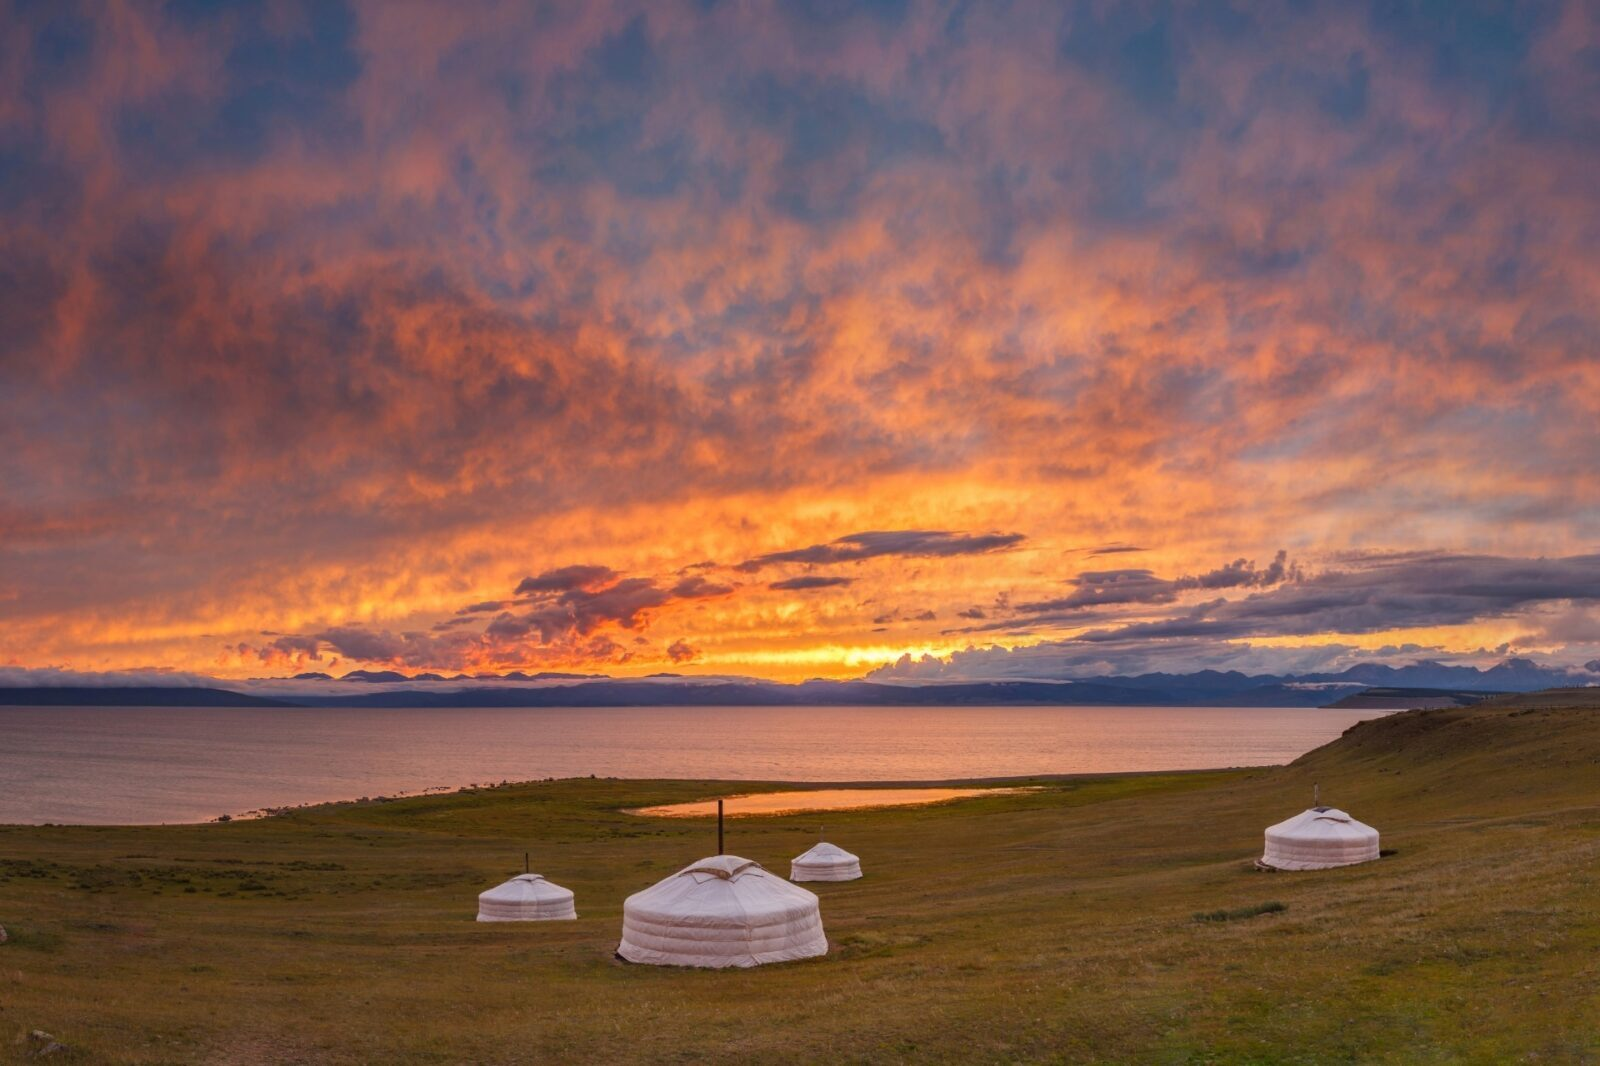 モンゴルの大草原の夕暮れ 湖とゲルのある風景